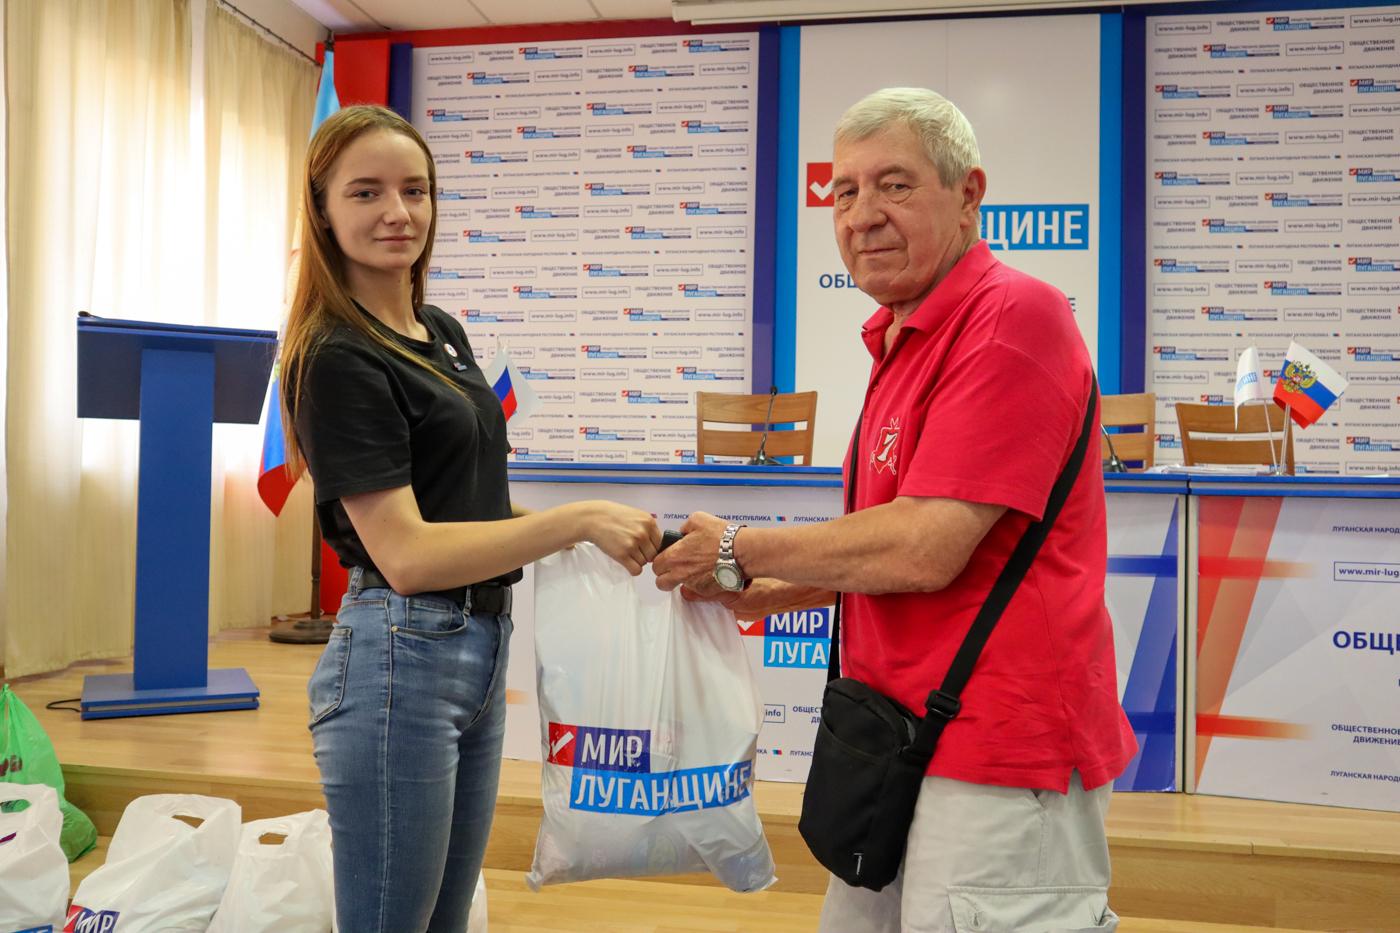 Ветеранам спорта Луганска выдали продуктовые наборы от проекта «Волонтёр» 3